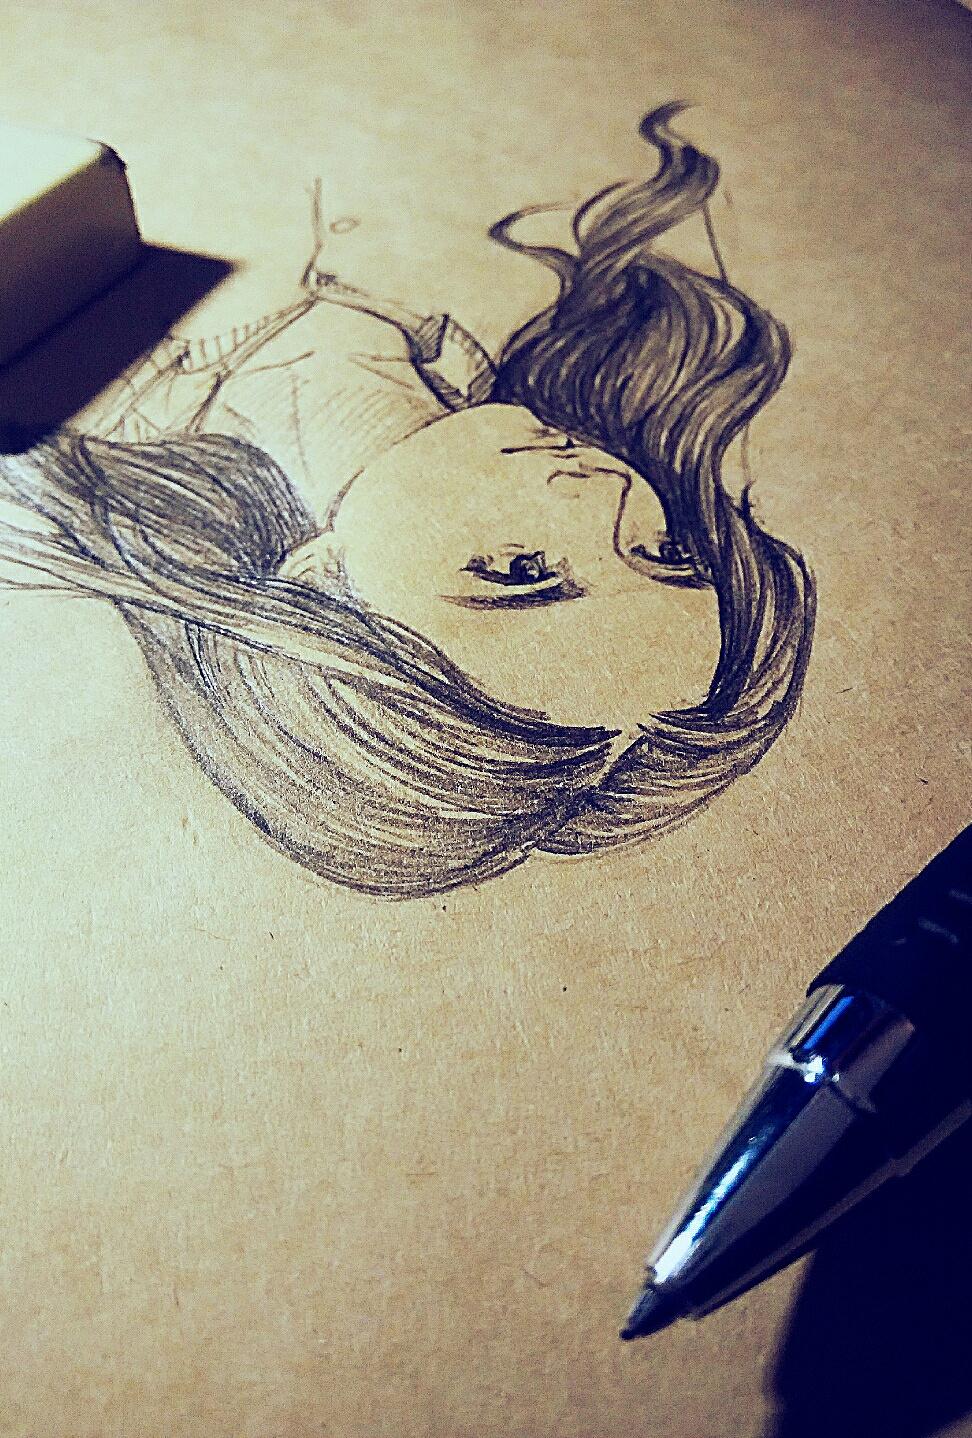 铅笔手绘 插画 商业插画 喝牛奶醉了 - 原创作品